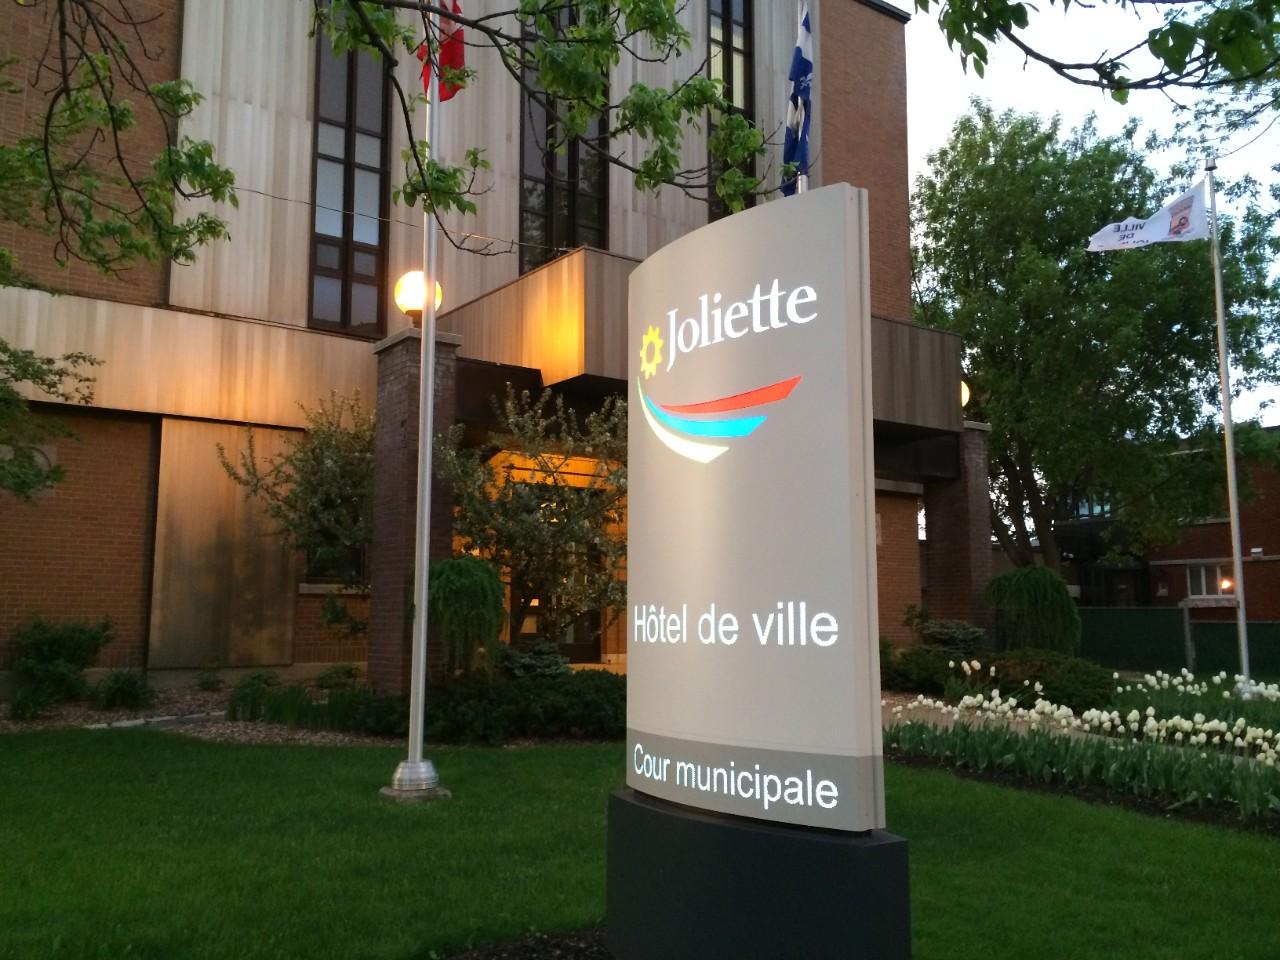 Ville de Joliette